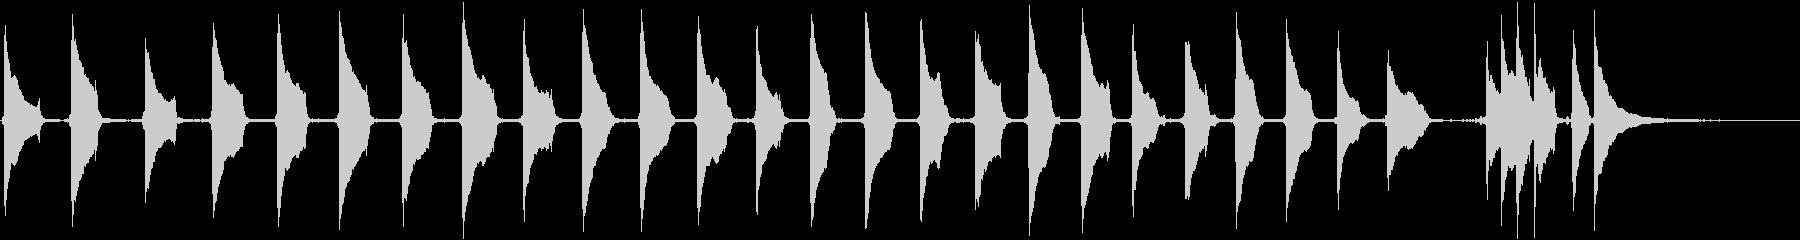 バンジョー:ロングビルチャージアク...の未再生の波形